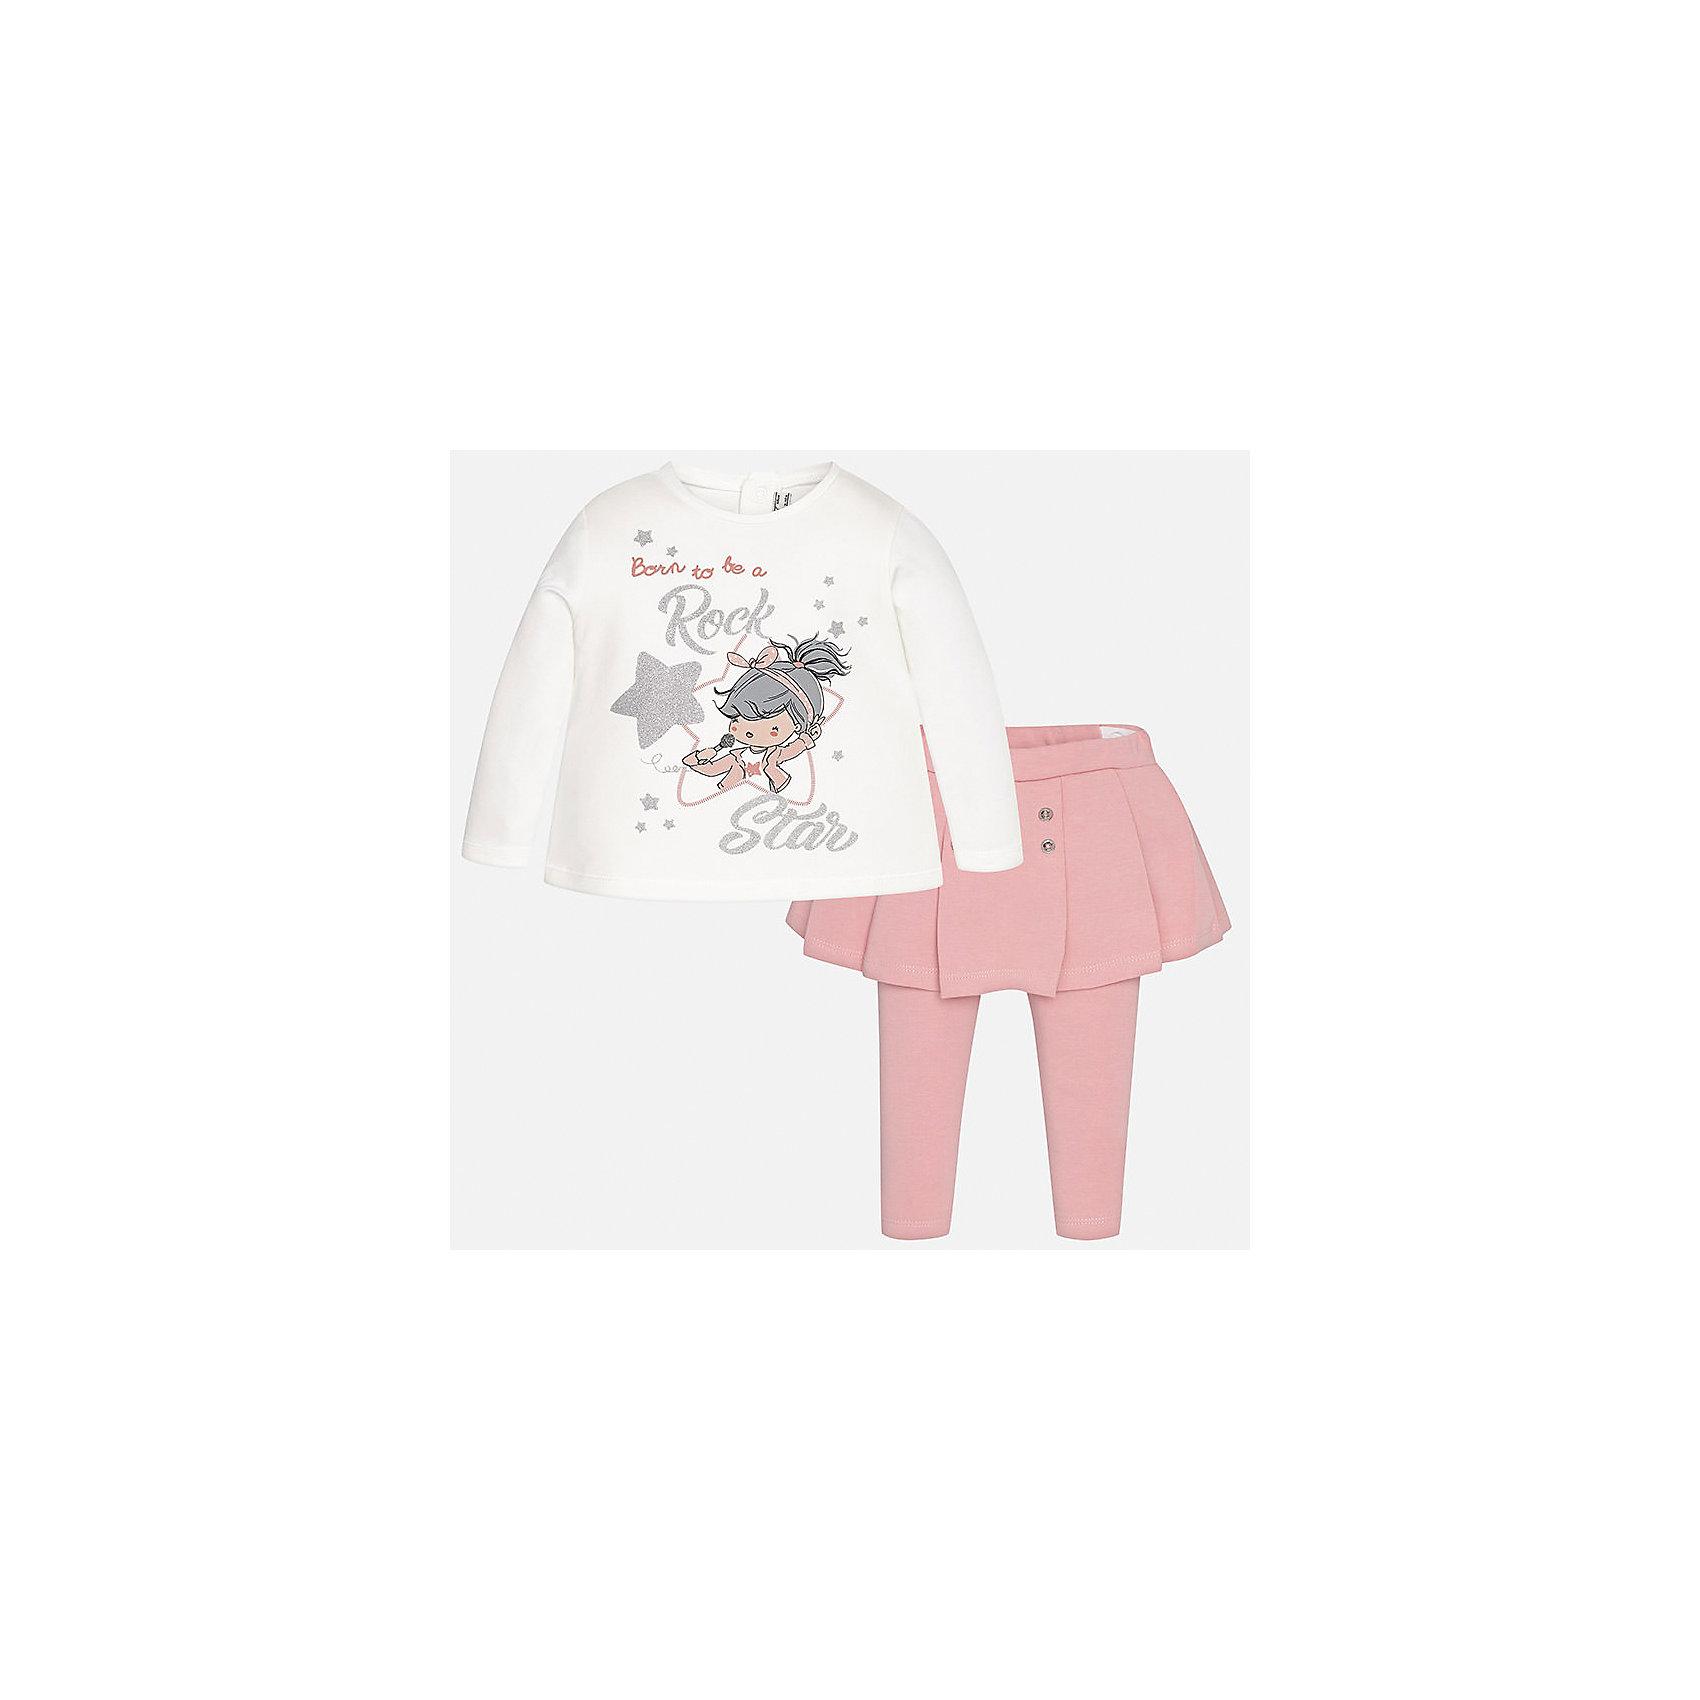 Комплект: блузка и леггинсы Mayoral для девочкиКомплекты<br>Характеристики товара:<br><br>• цвет: розовый<br>• состав ткани: 92% хлопок, 8% эластан<br>• комплект: лонгслив и леггинсы<br>• сезон: демисезон<br>• особенности: принт с блестками<br>• пояс: резинка<br>• длинные рукава<br>• застежка: кнопки<br>• страна бренда: Испания<br>• страна изготовитель: Индия<br><br>Удобный детский комплект из лонгслива и леггинсов подойдет для любых мероприятий. Отличный способ обеспечить ребенку комфорт - надеть детские лонгслив и леггинсы от Mayoral. Детские леггинсы с юбкой сшиты из приятного на ощупь материала. Лонгслив для девочки удобно сидит по фигуре. <br><br>Комплект: лонгслив и леггинсы для девочки Mayoral (Майорал) можно купить в нашем интернет-магазине.<br><br>Ширина мм: 123<br>Глубина мм: 10<br>Высота мм: 149<br>Вес г: 209<br>Цвет: розовый<br>Возраст от месяцев: 18<br>Возраст до месяцев: 24<br>Пол: Женский<br>Возраст: Детский<br>Размер: 92,98,74,80,86<br>SKU: 6920571